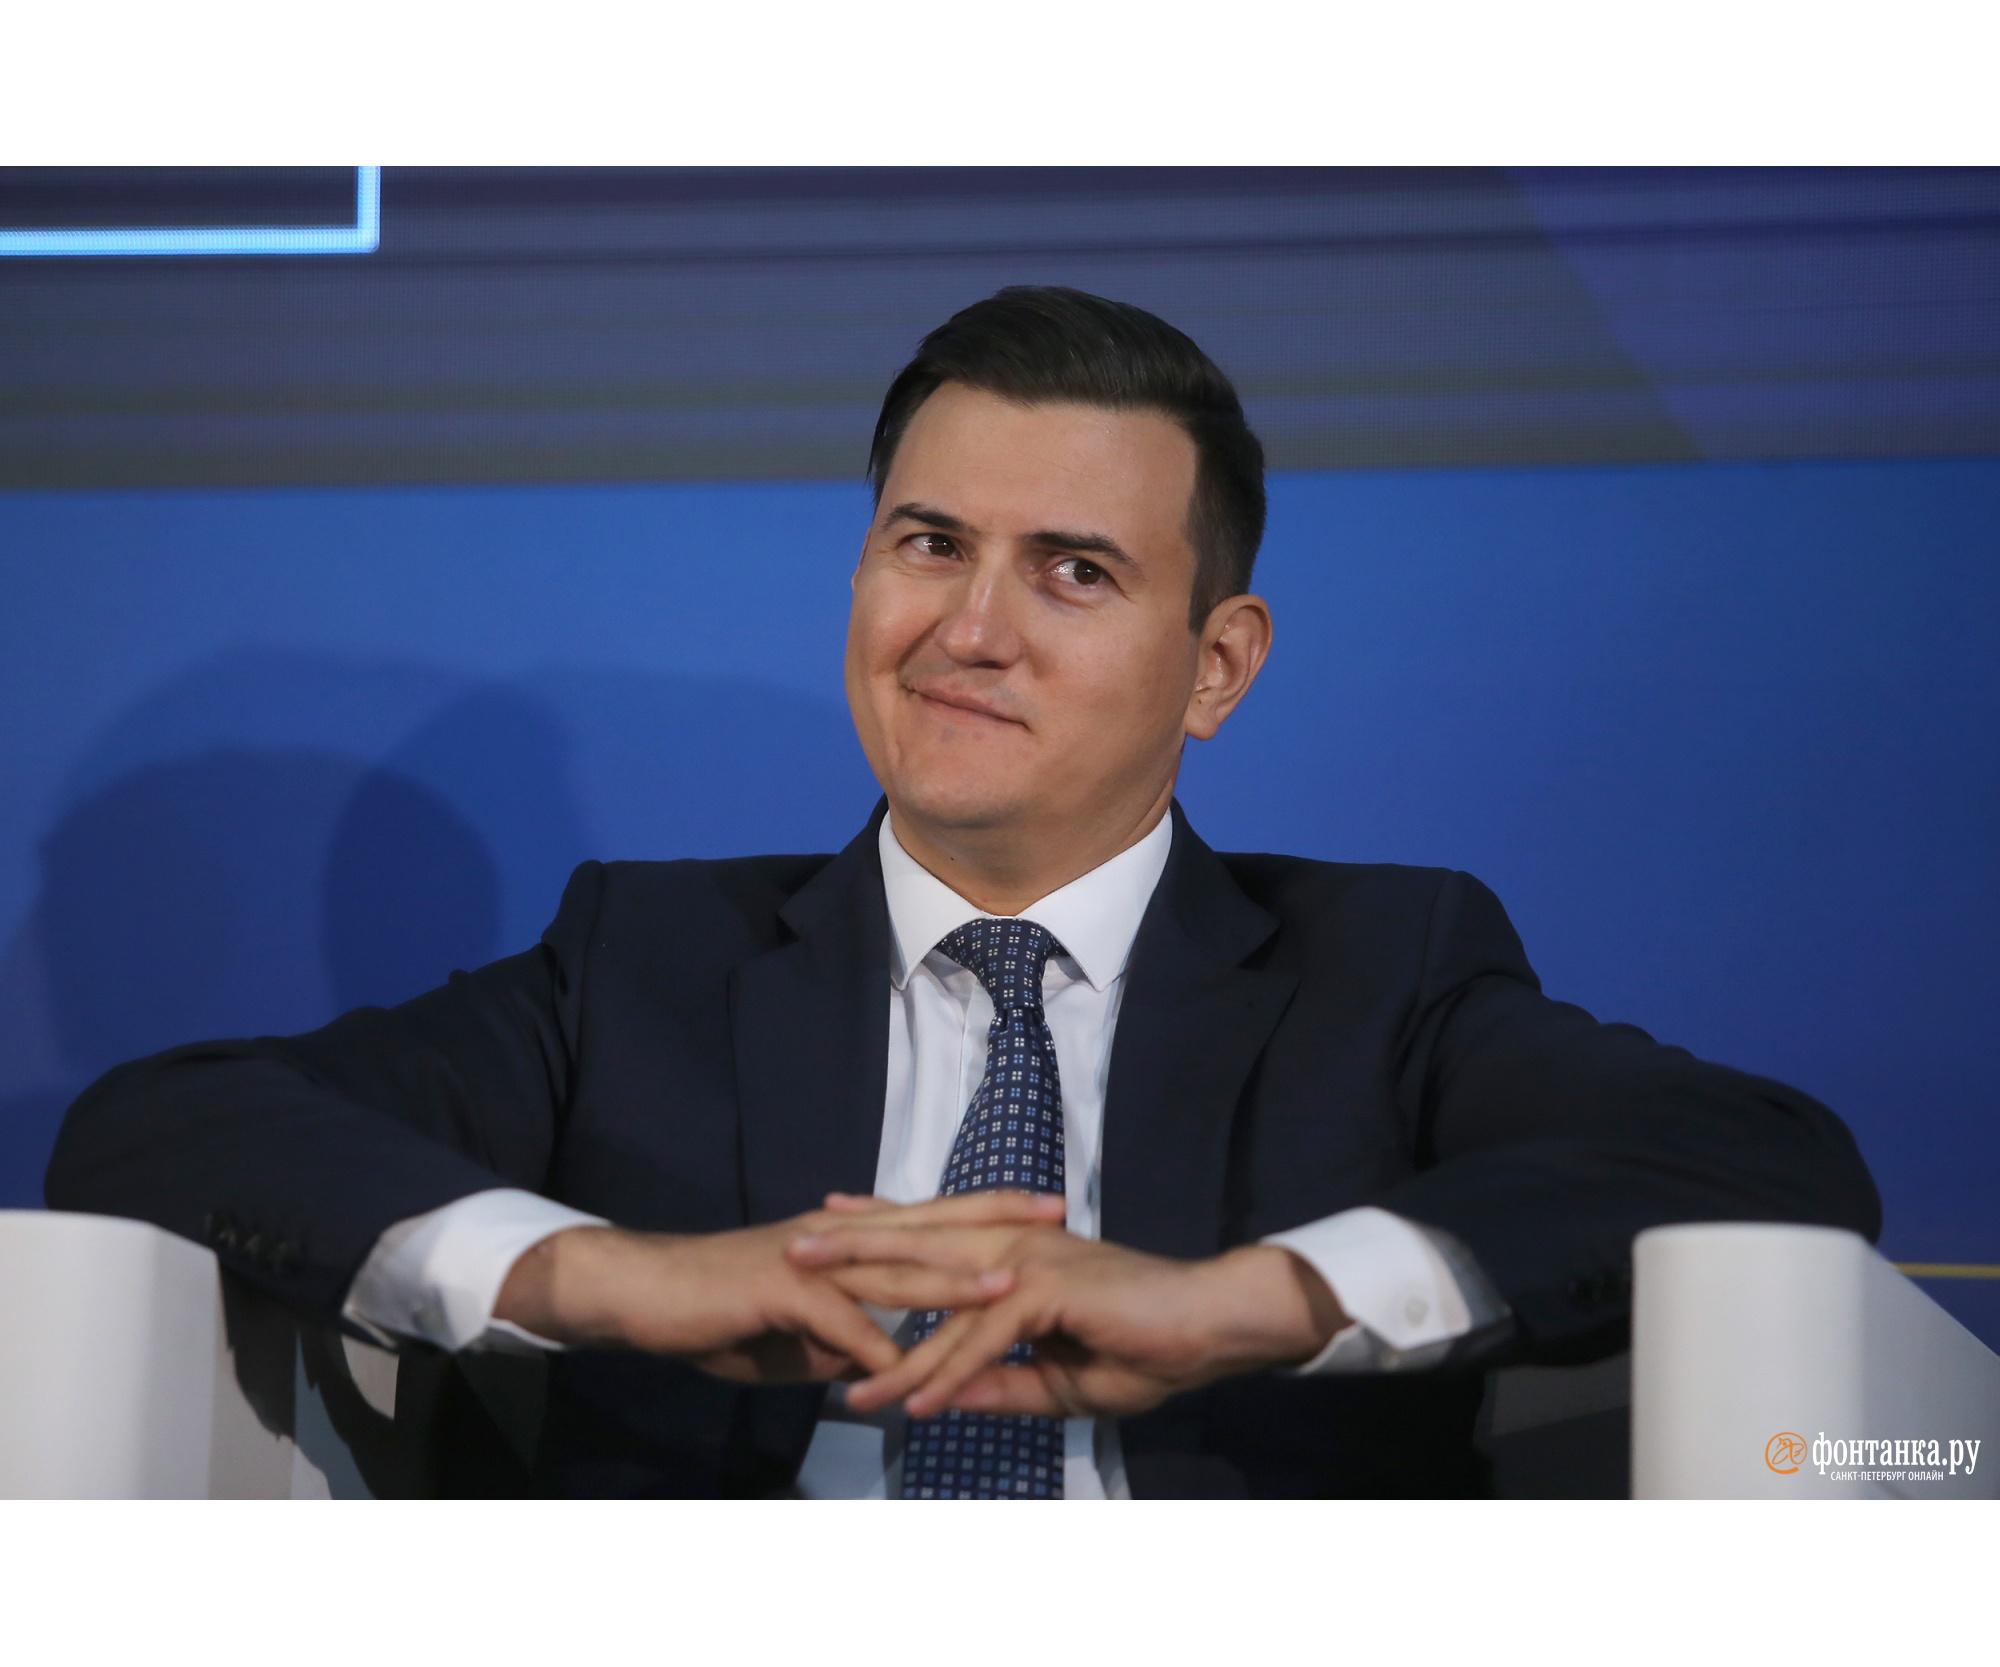 Генеральный директор АО «ИТМО Хайпарк» Александр Назаров